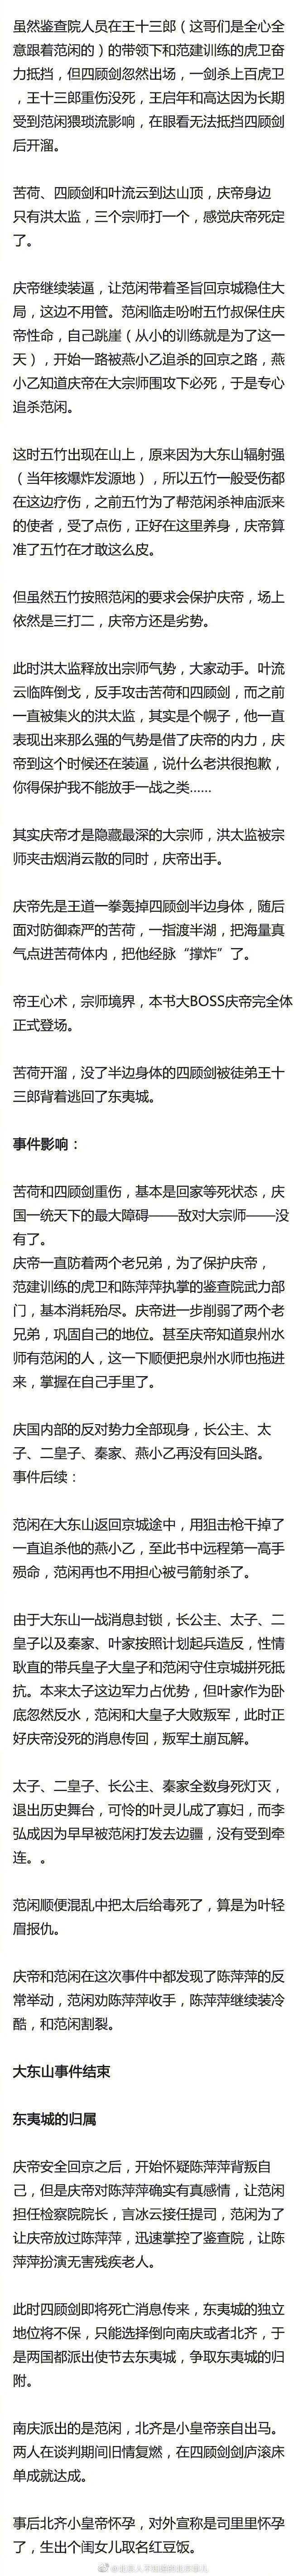 《庆余年》第二季剧本筹备中 剧透《庆余年》讲的是什么故事? liuliushe.net六六社 第9张